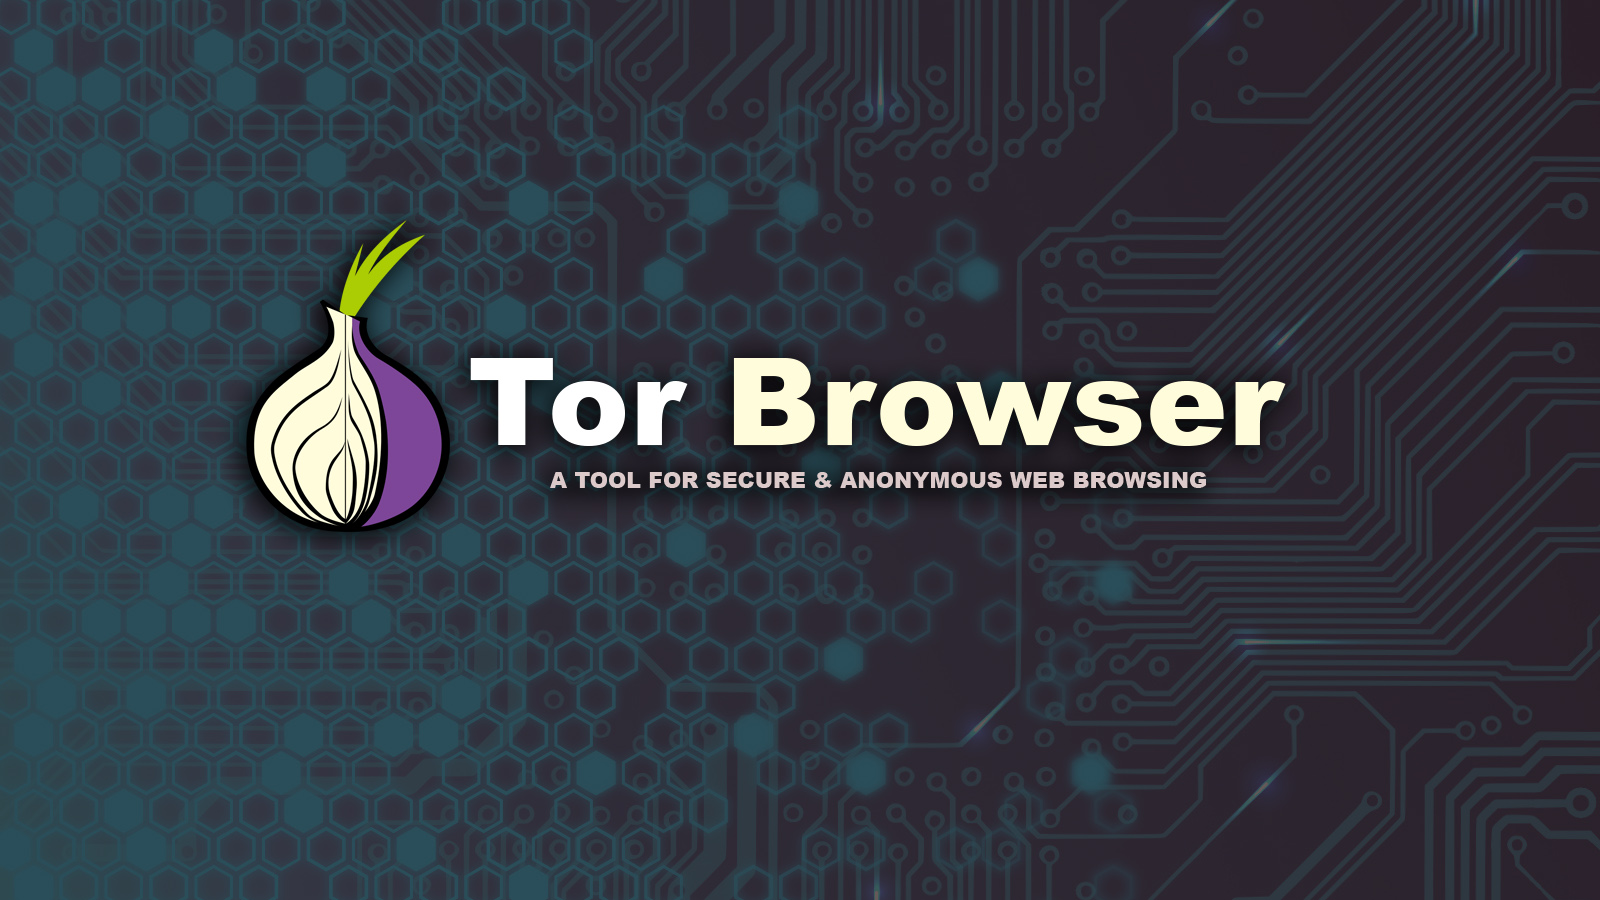 Тор браузер лучшие сайты hyrda браузер тор какие сайты можно смотреть гирда